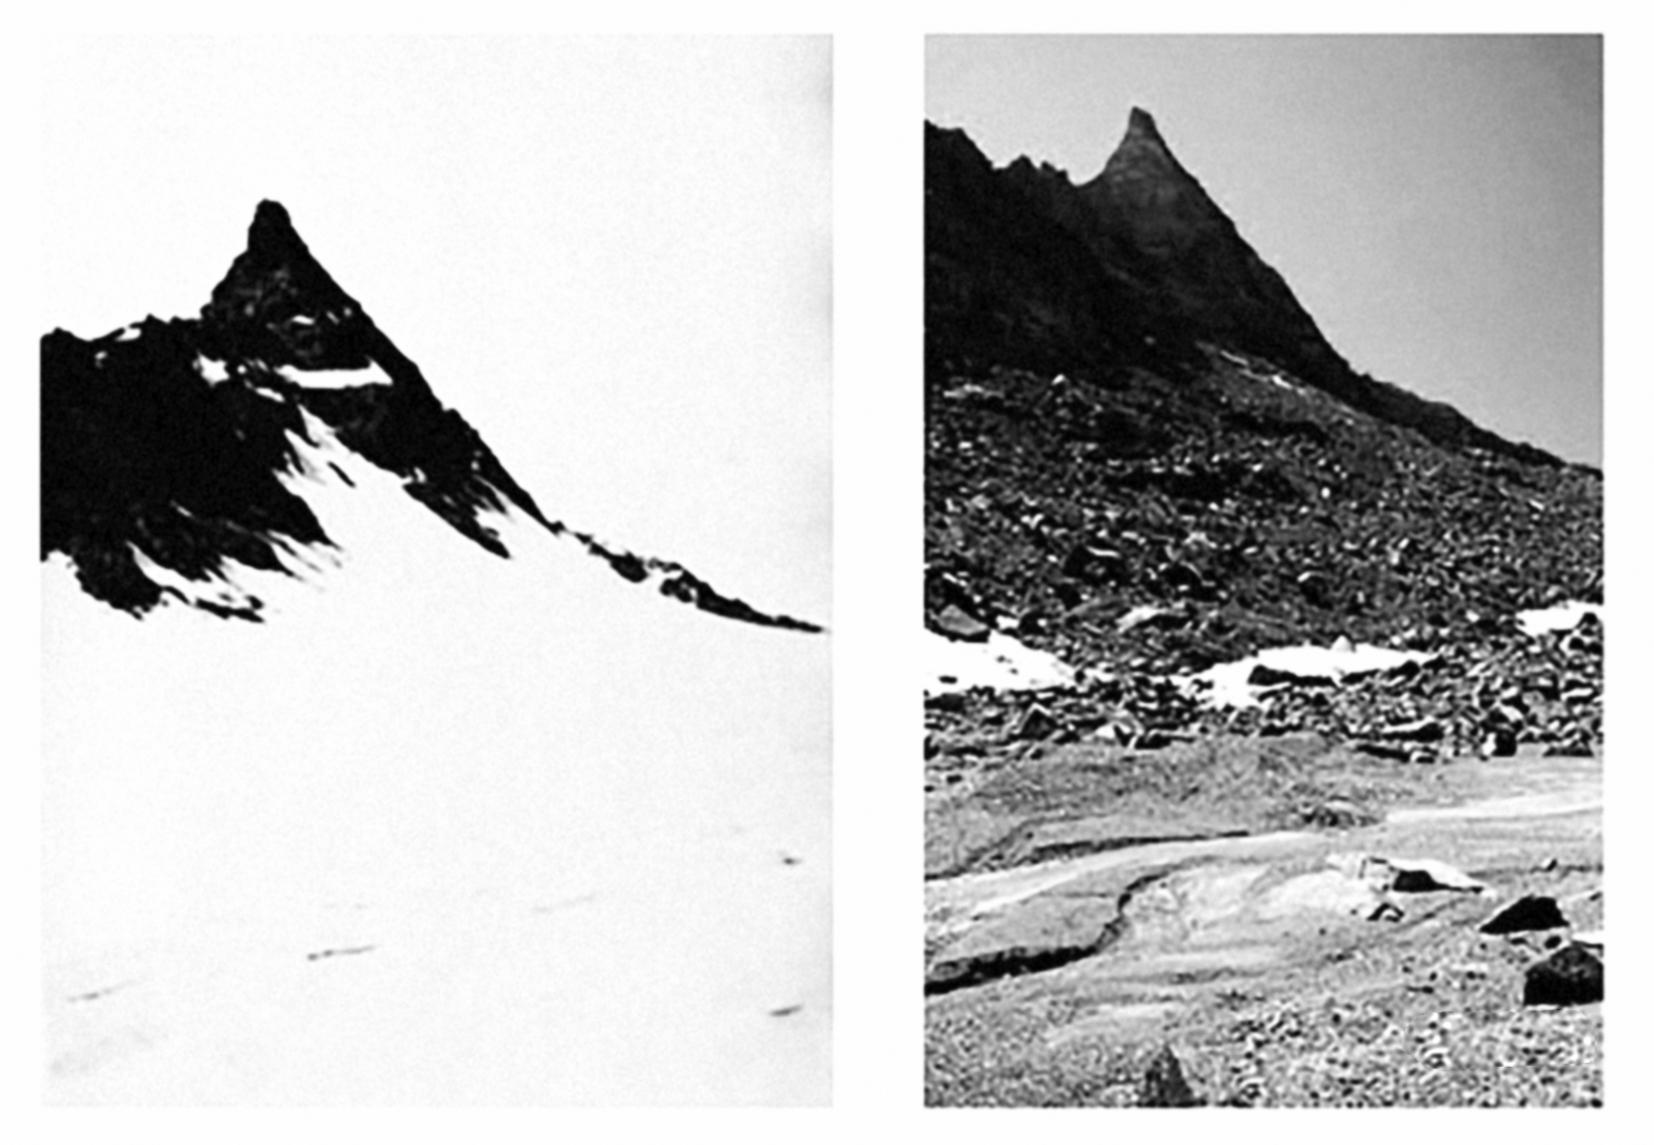 Il gthiacciaio Ciardoney in Val Soana nel Parco del Gran Paradiso fotografato nel 1920 (a sinistra) e nel 2004 (a destra) | Archivio Sella, Biella